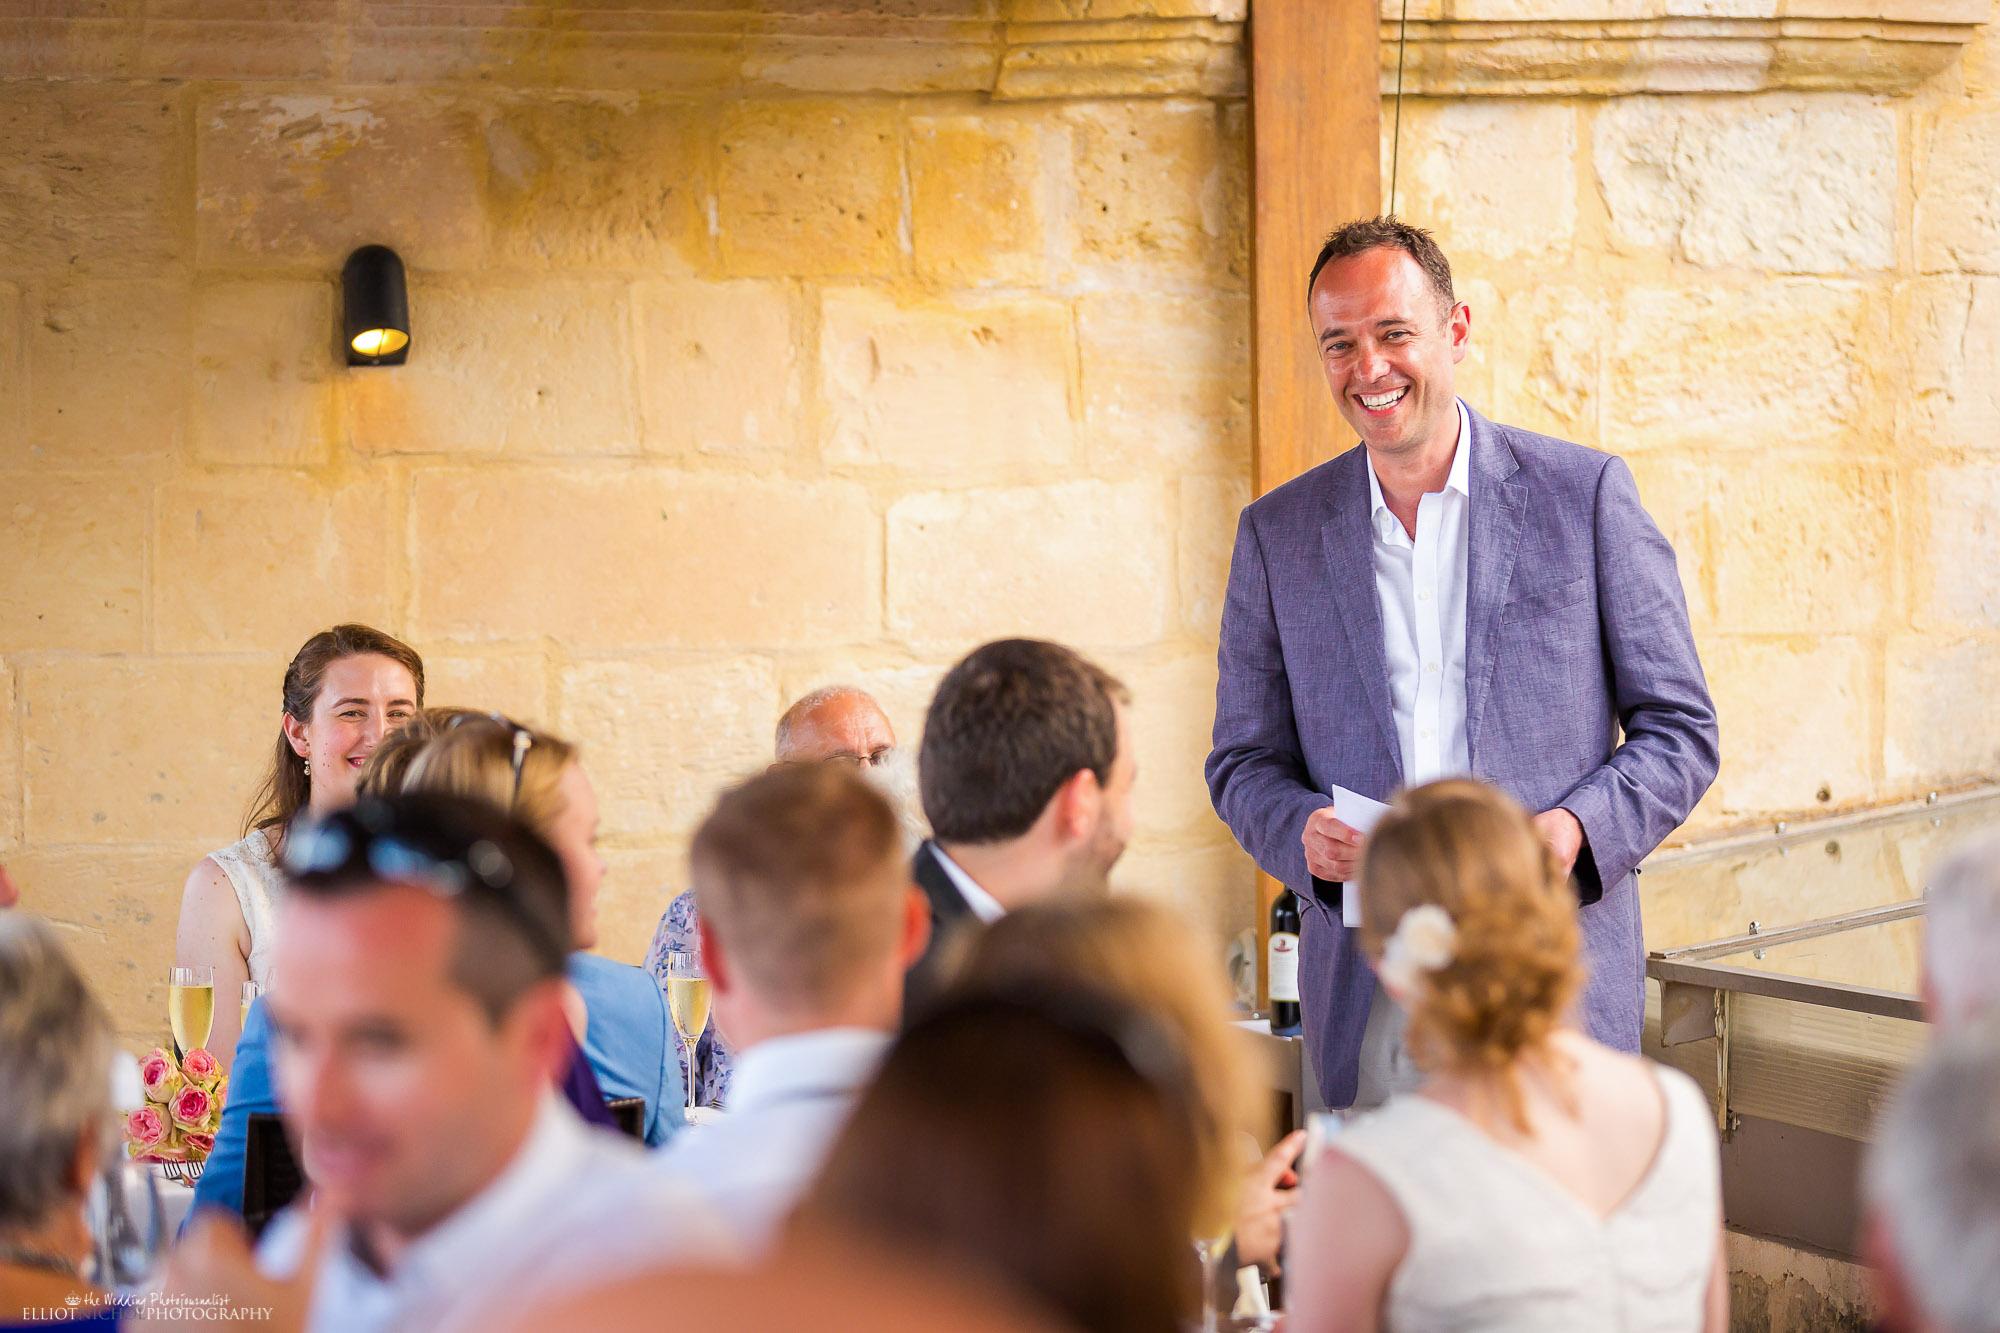 Best-man-wedding-reception-dinner-speech-photography